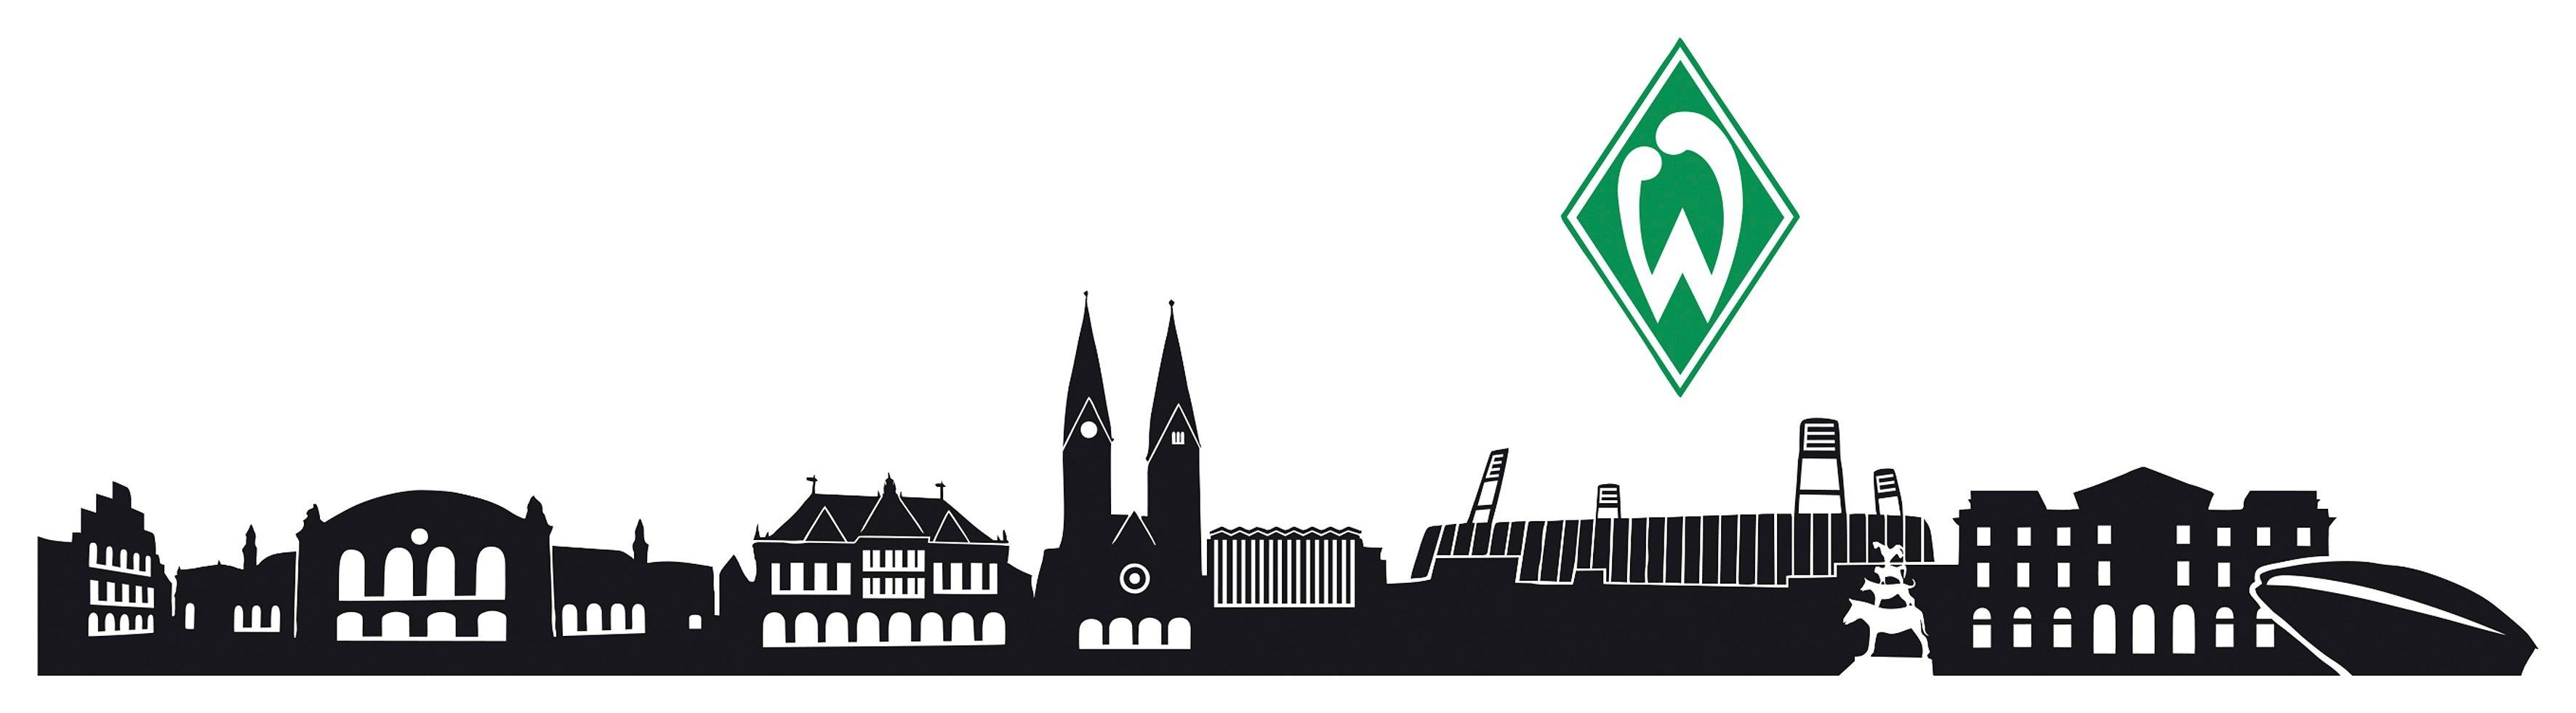 Home affaire Wandtattoo »Werder Bremen Skyline«, 160/25 cm